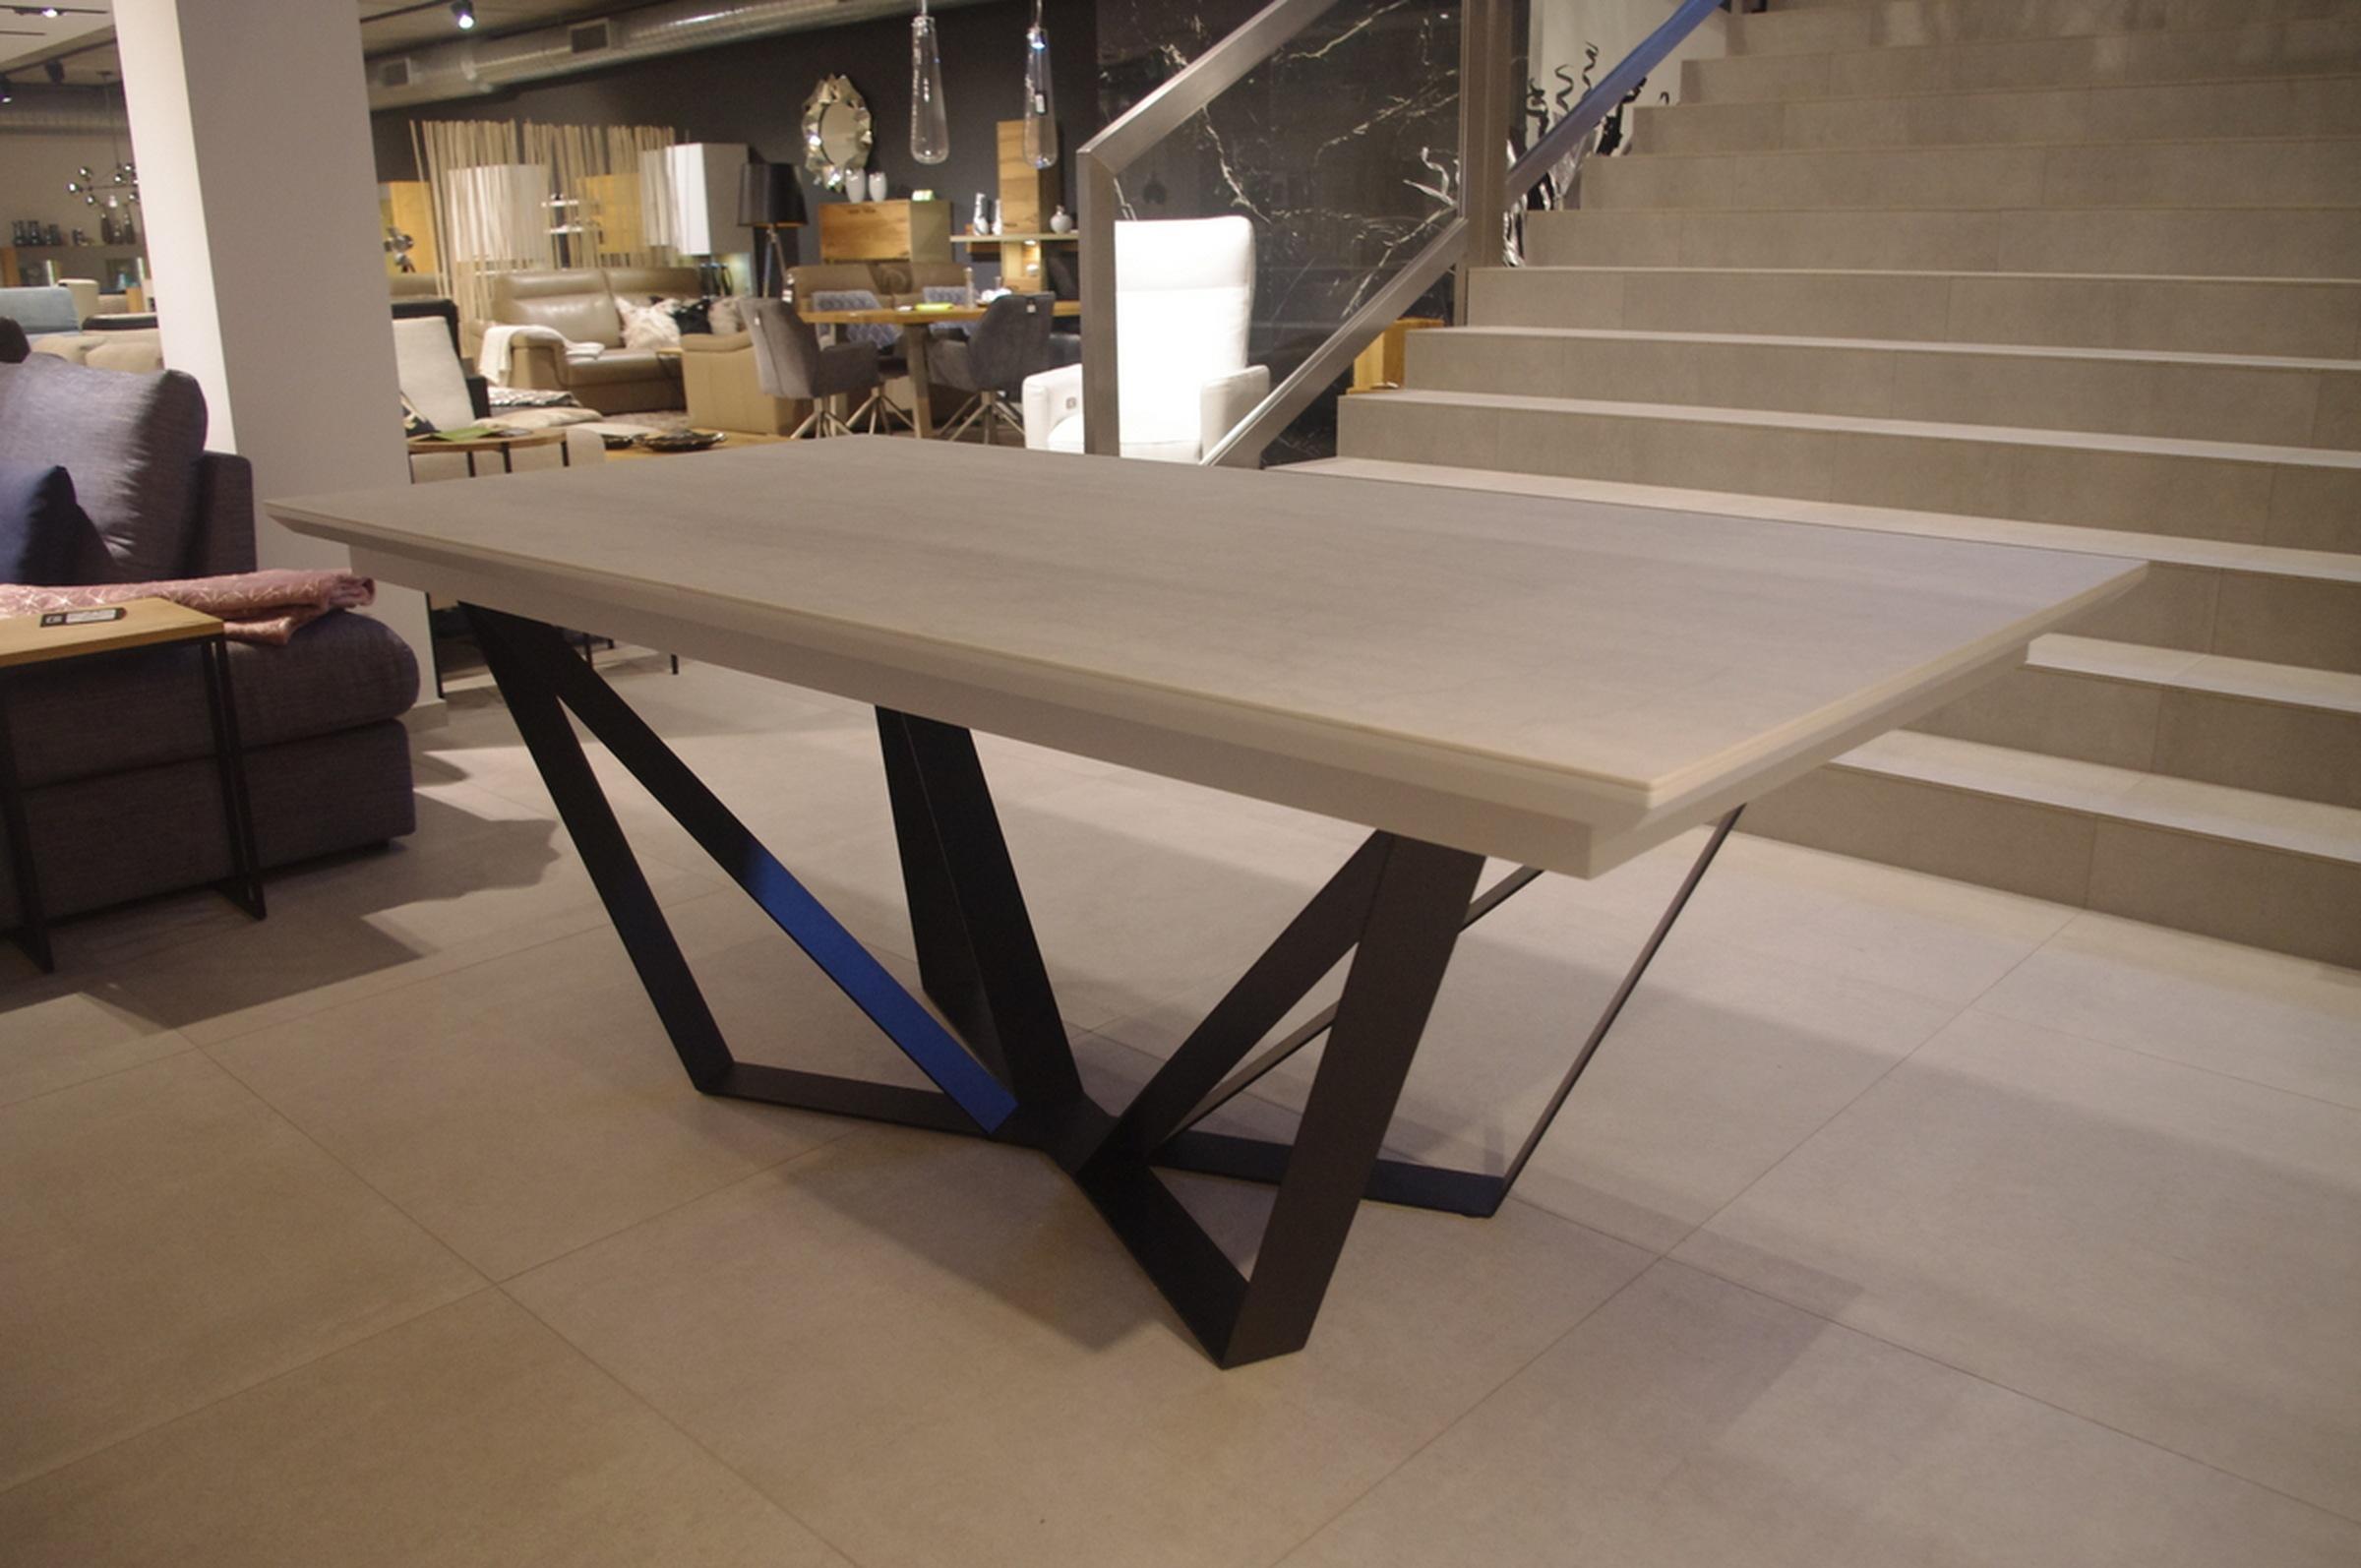 Stół rozkładany spiek kwarcowy kamień marmur